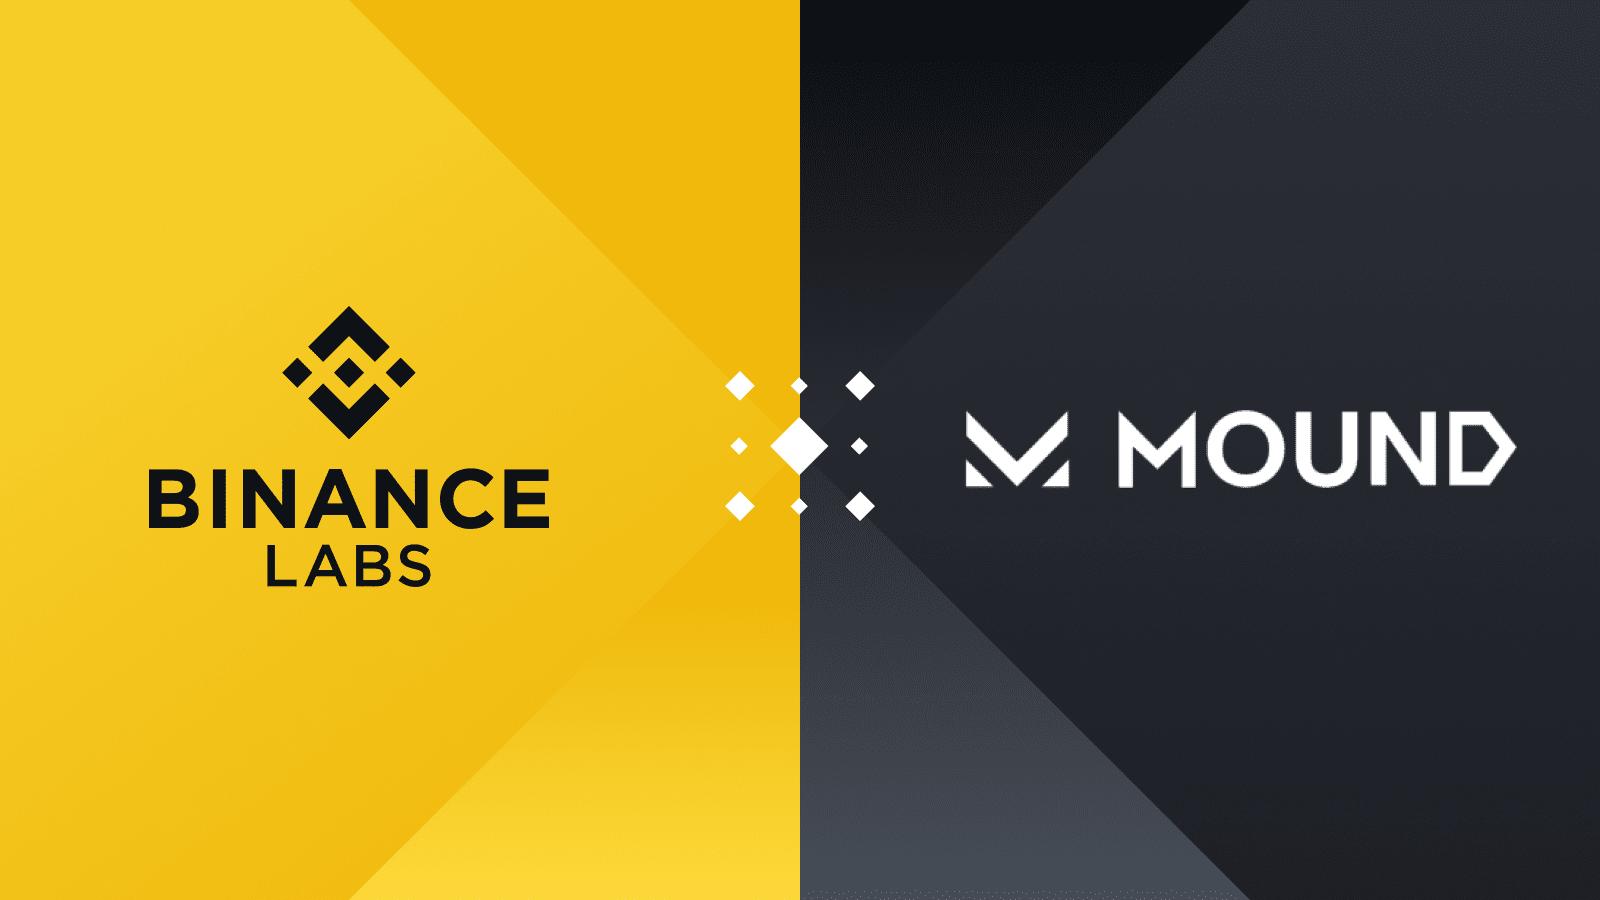 Binance Lab Leads $1.6 Million Strategic Investment Round for MOUND | Binance Blog